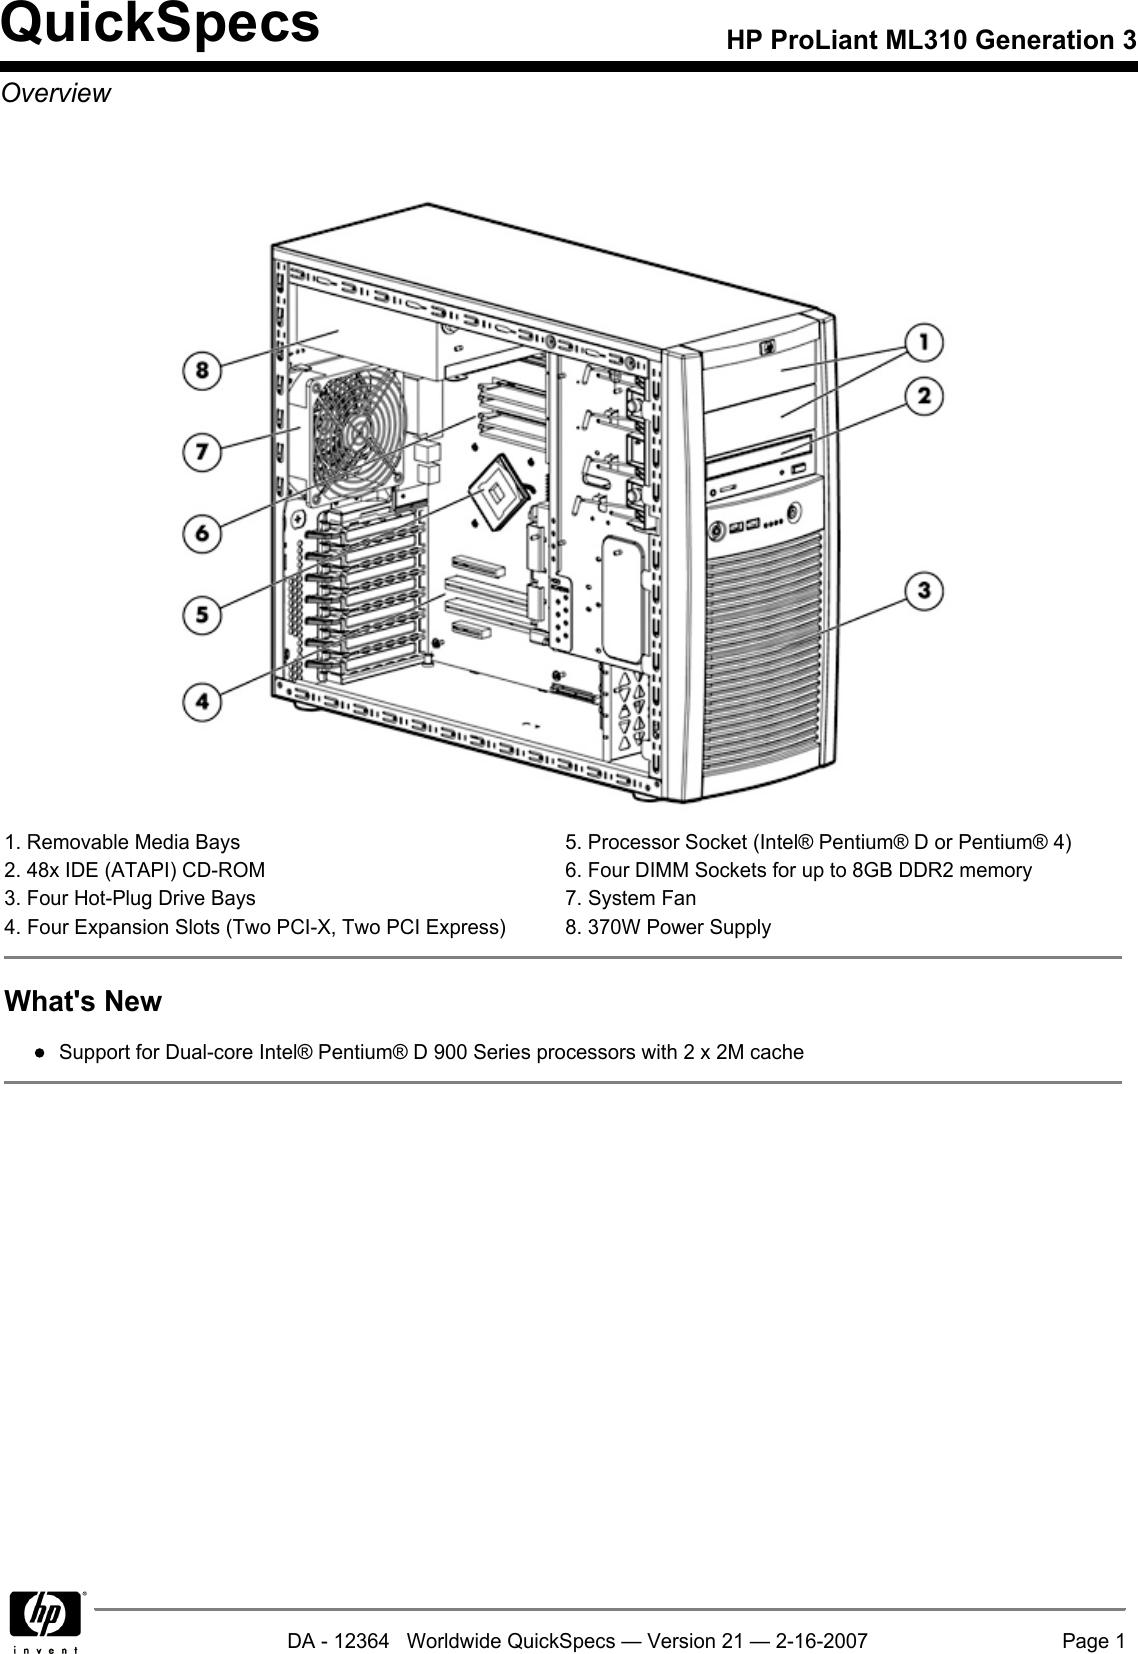 Hp Proliant Ml310 Users Manual Generation 3 Pentium 4 Block Diagram